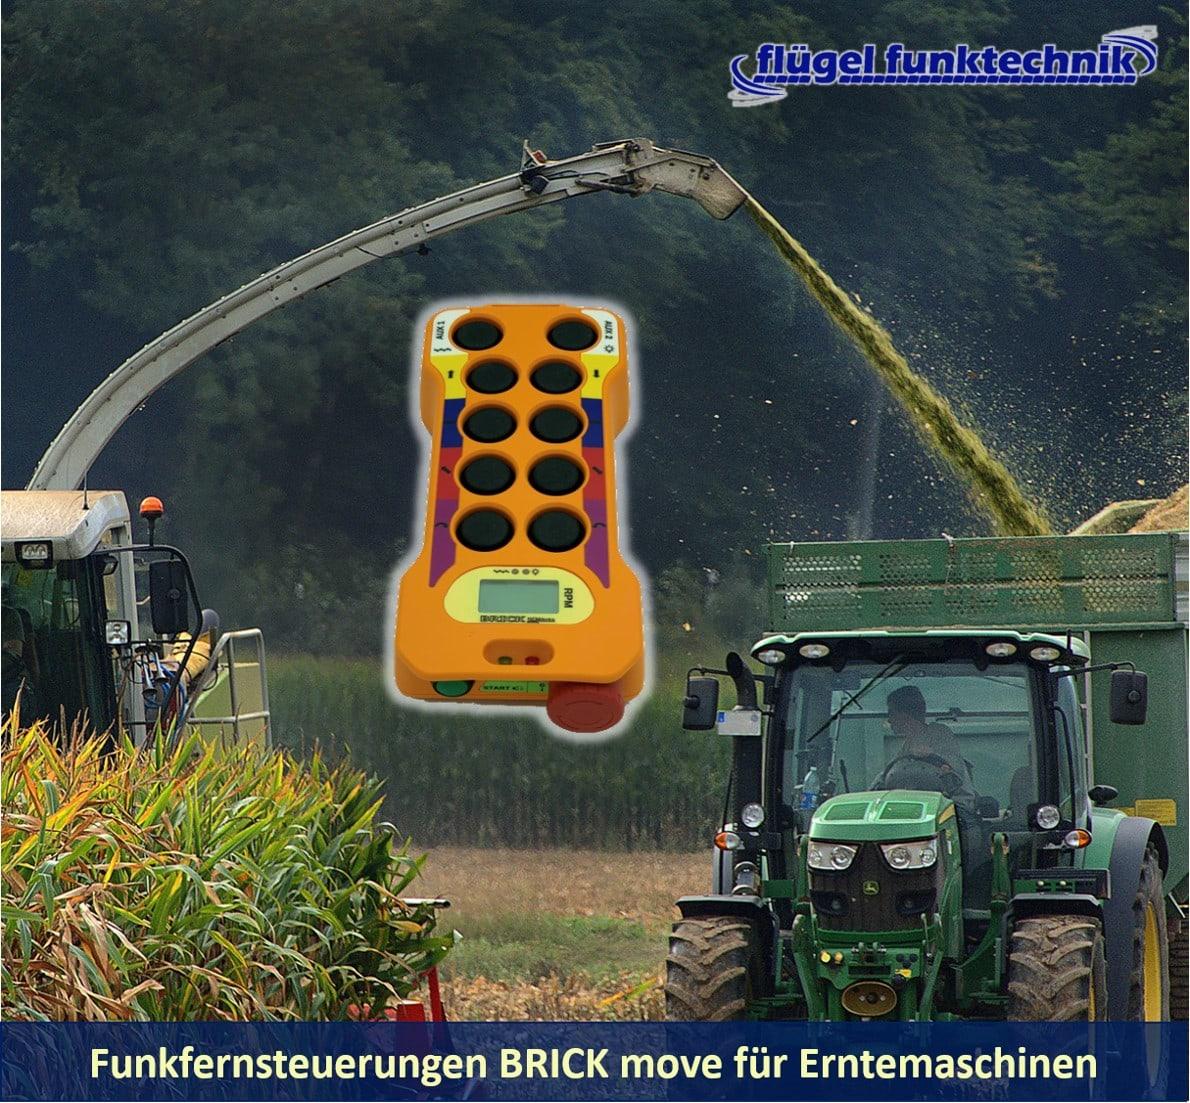 Funkfernsteuerung BRICK für Erntemaschinen